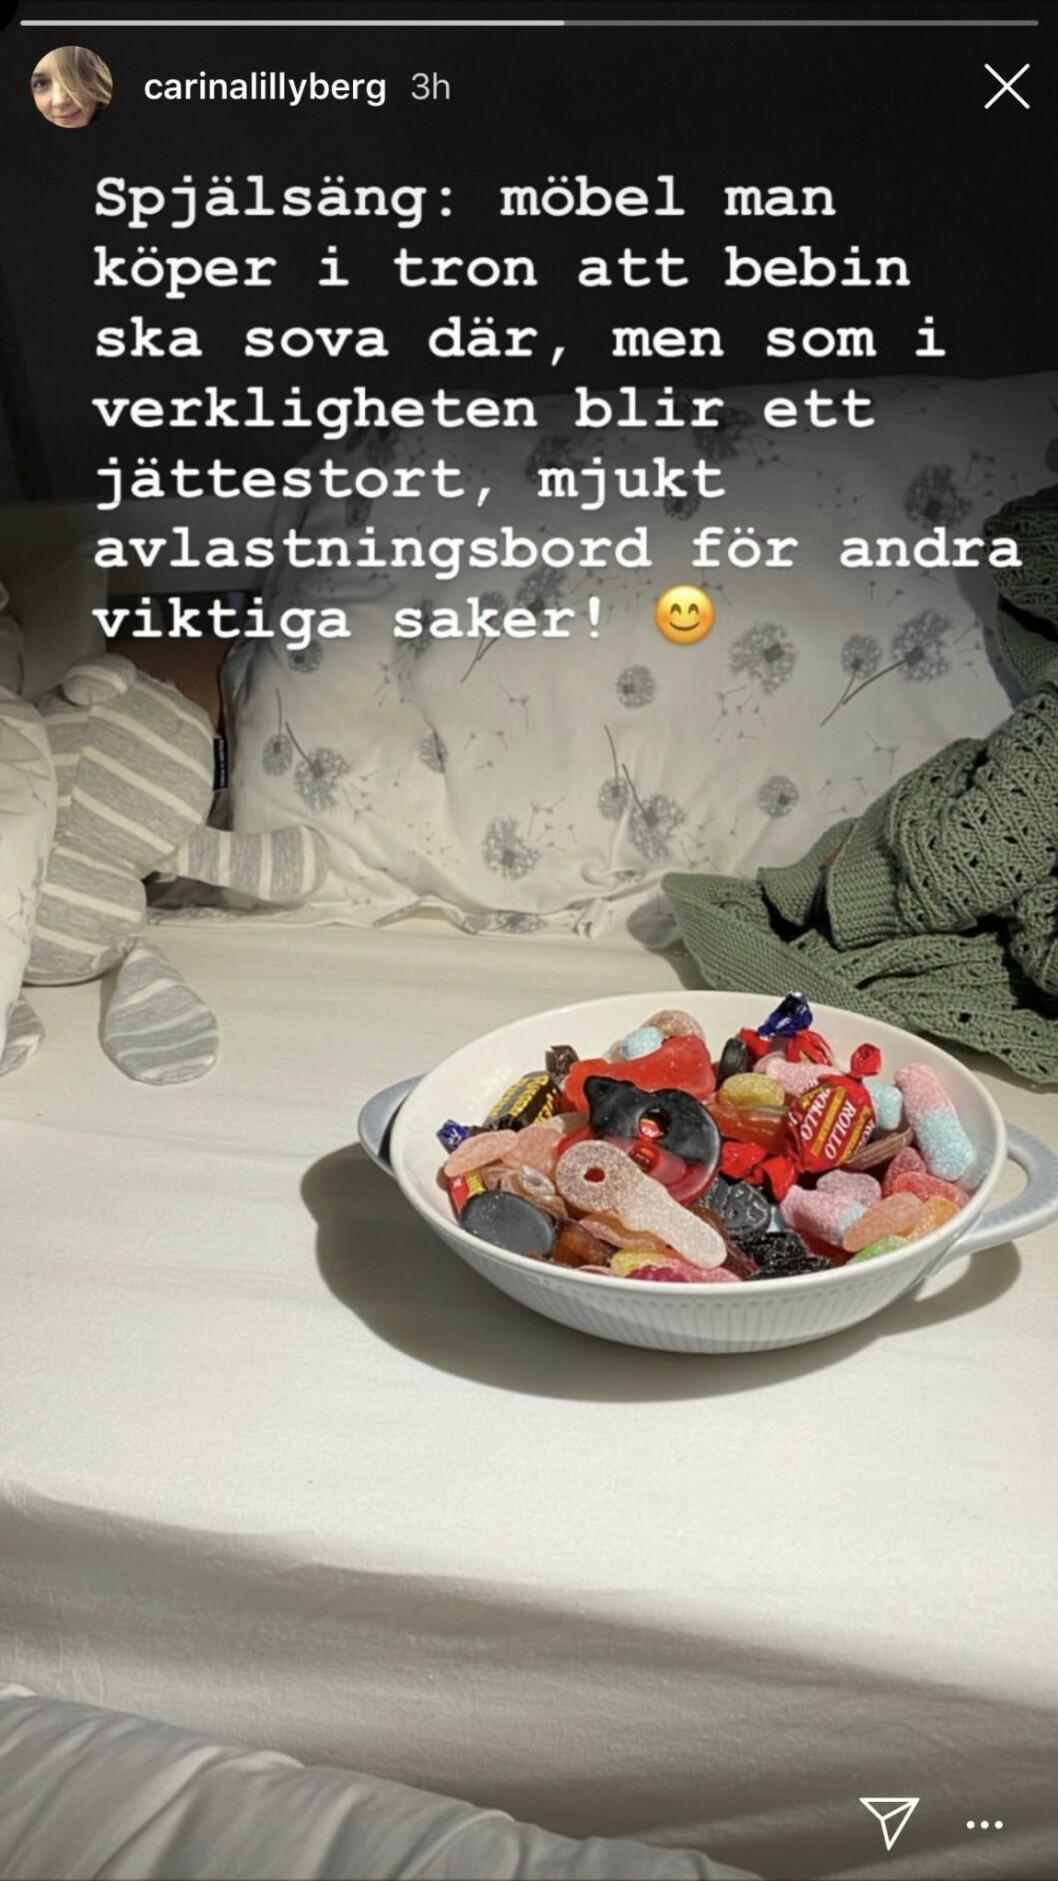 Instagraminlägg av Carina Berg på en spjälsäng och godisskål